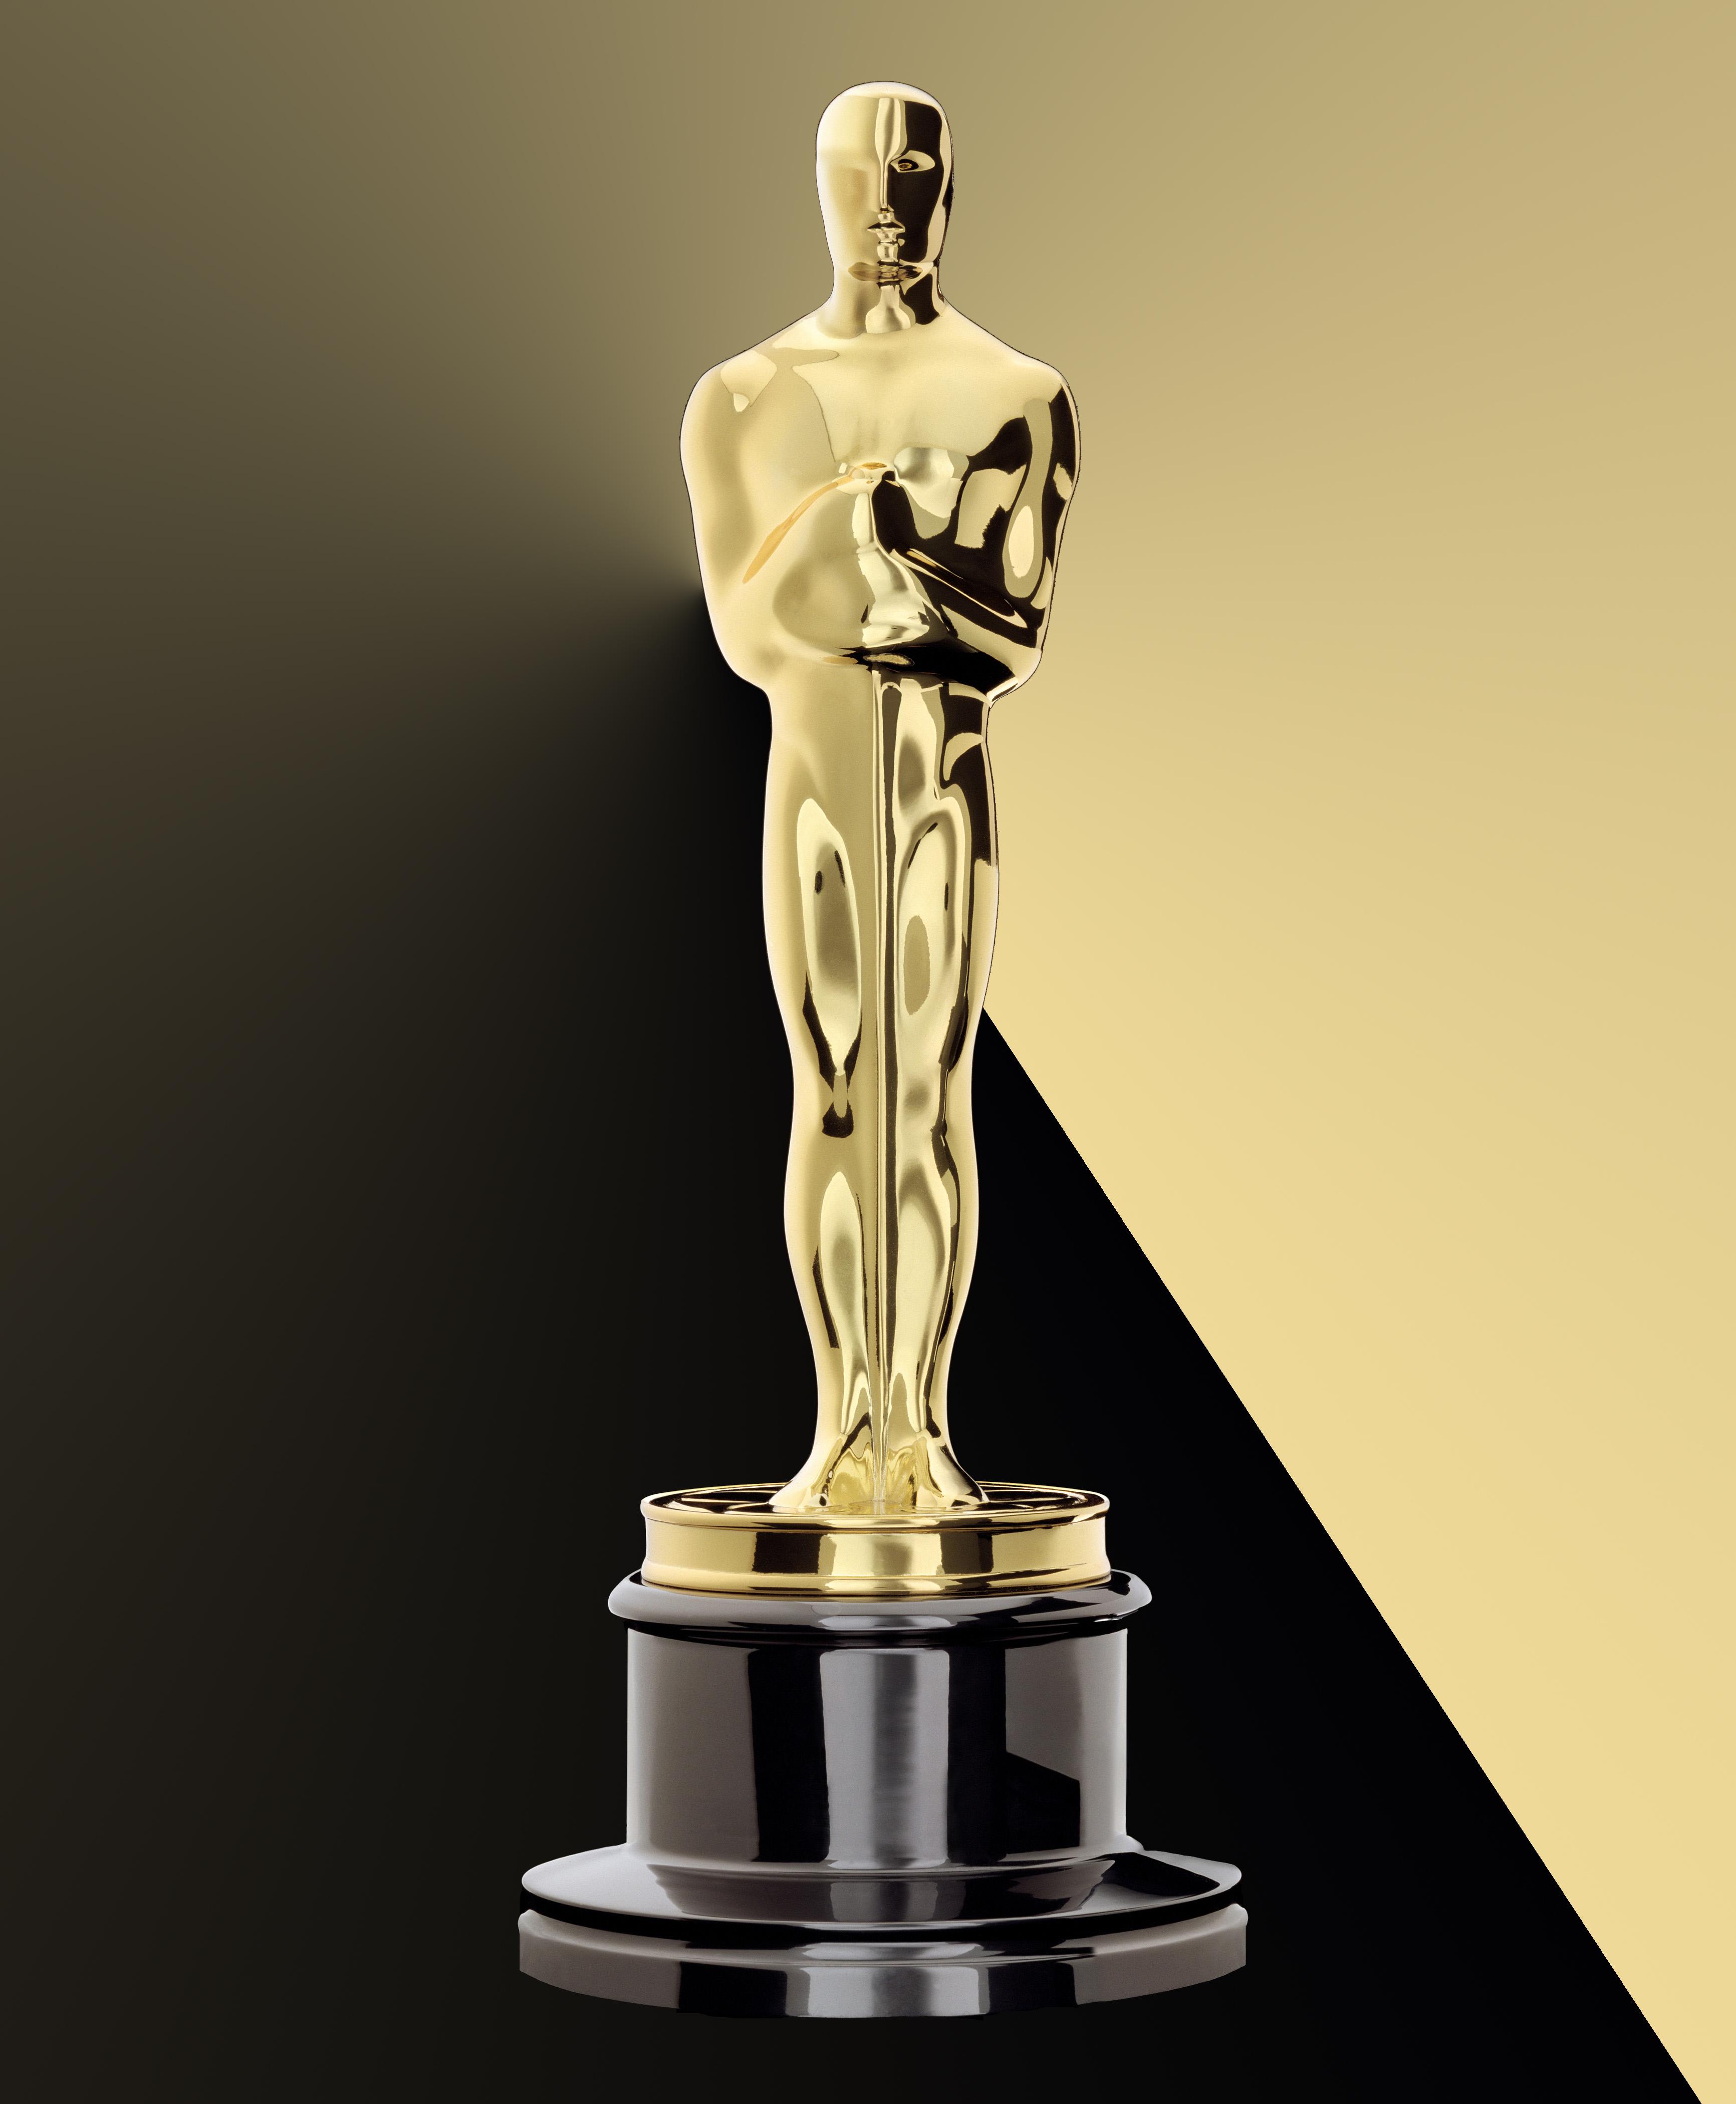 Oscar Academy Award furthermore 109450 Vector Realistic Golden Oscar Statue Background also Replica Oscar Award furthermore Oscars 2013 Recap likewise Geoffrey Rush Receive Berlin Film Festival Camera Award 970497. on oscar trophy award